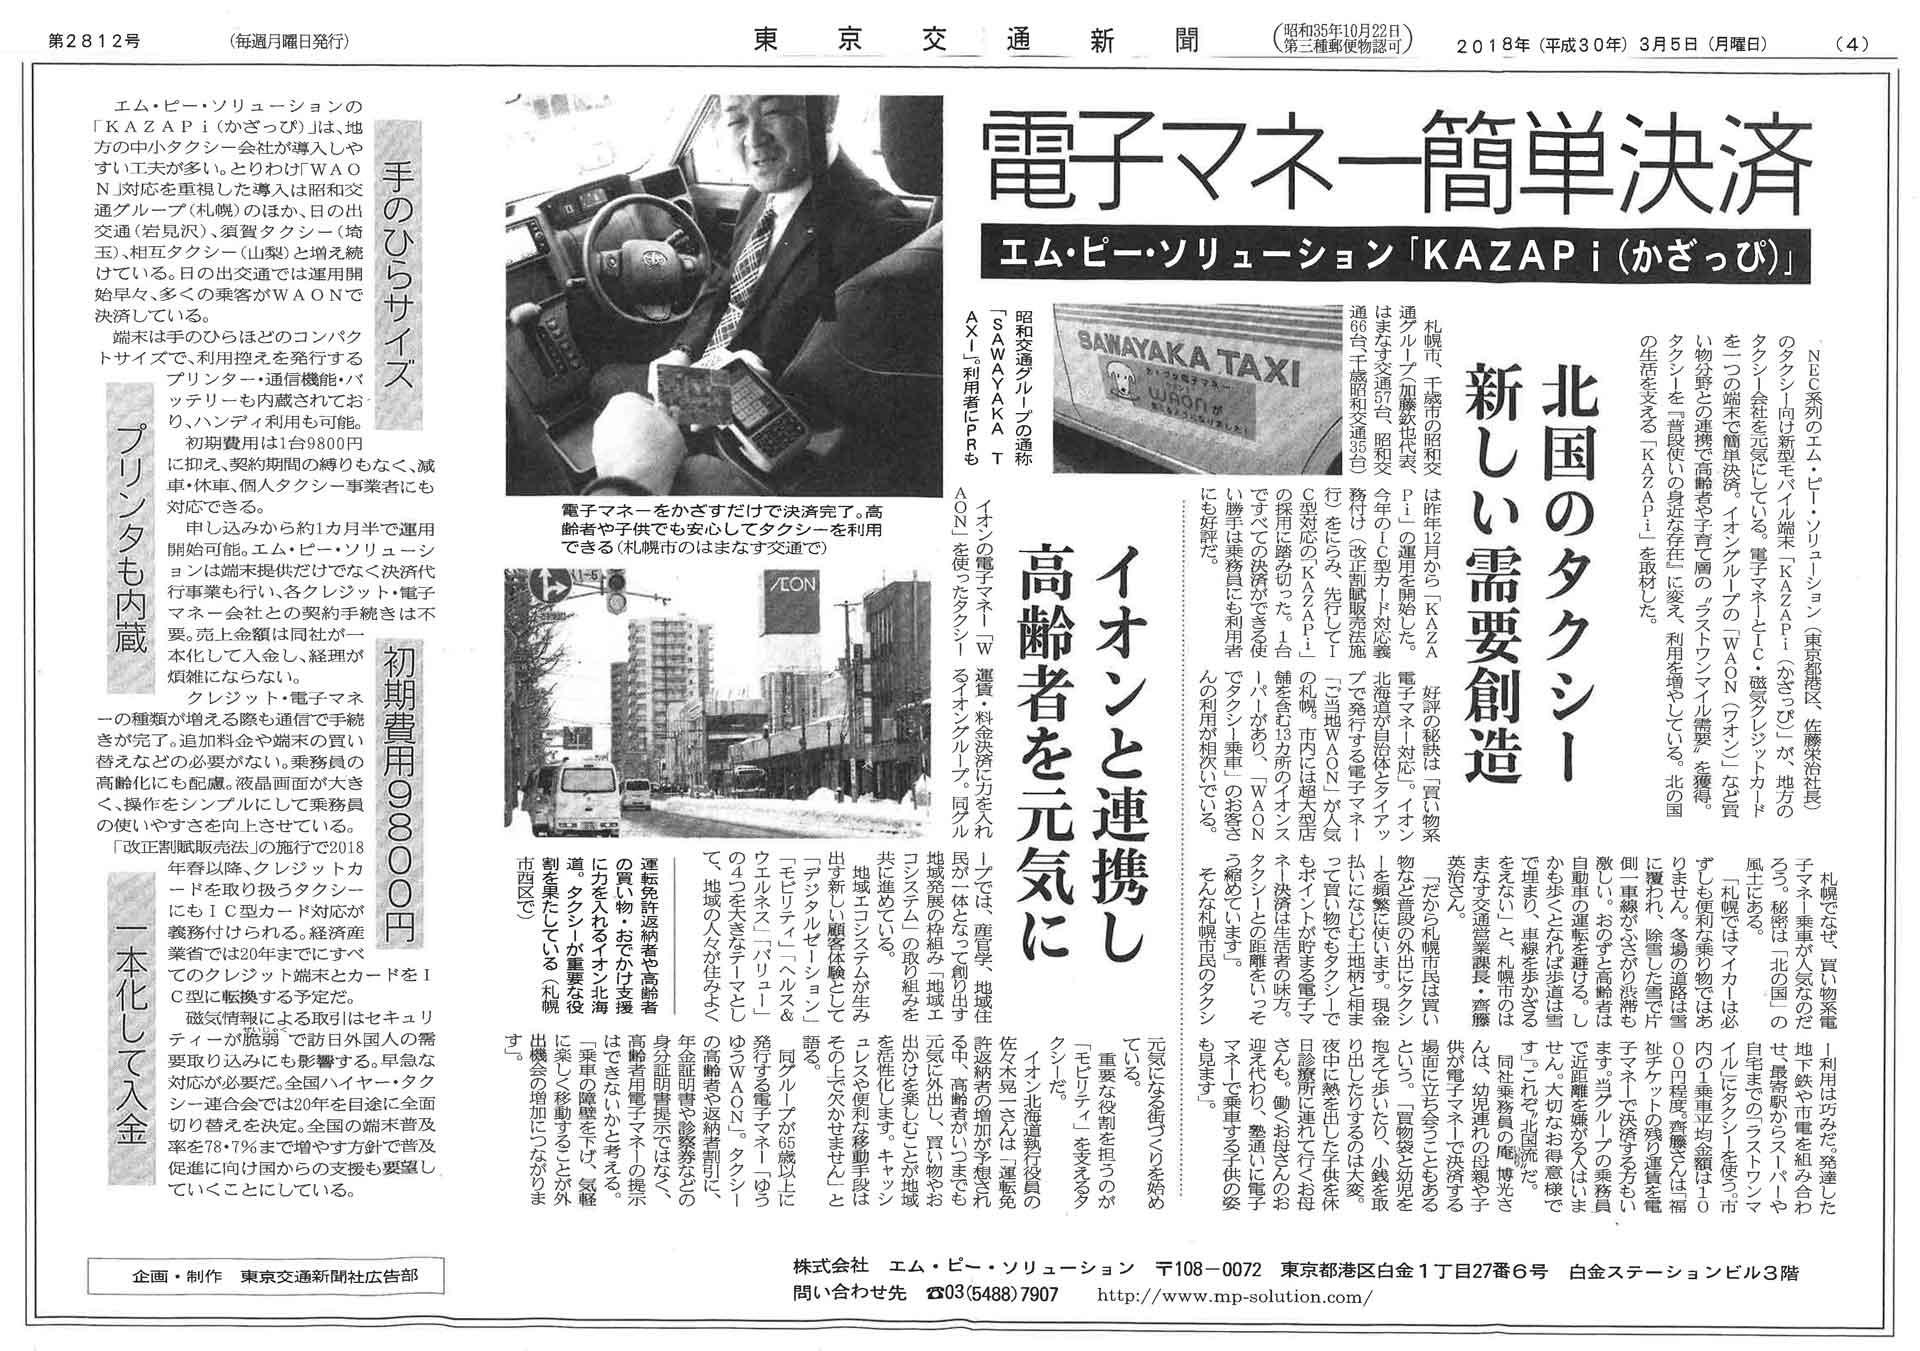 東京交通新聞 2018年3月5日